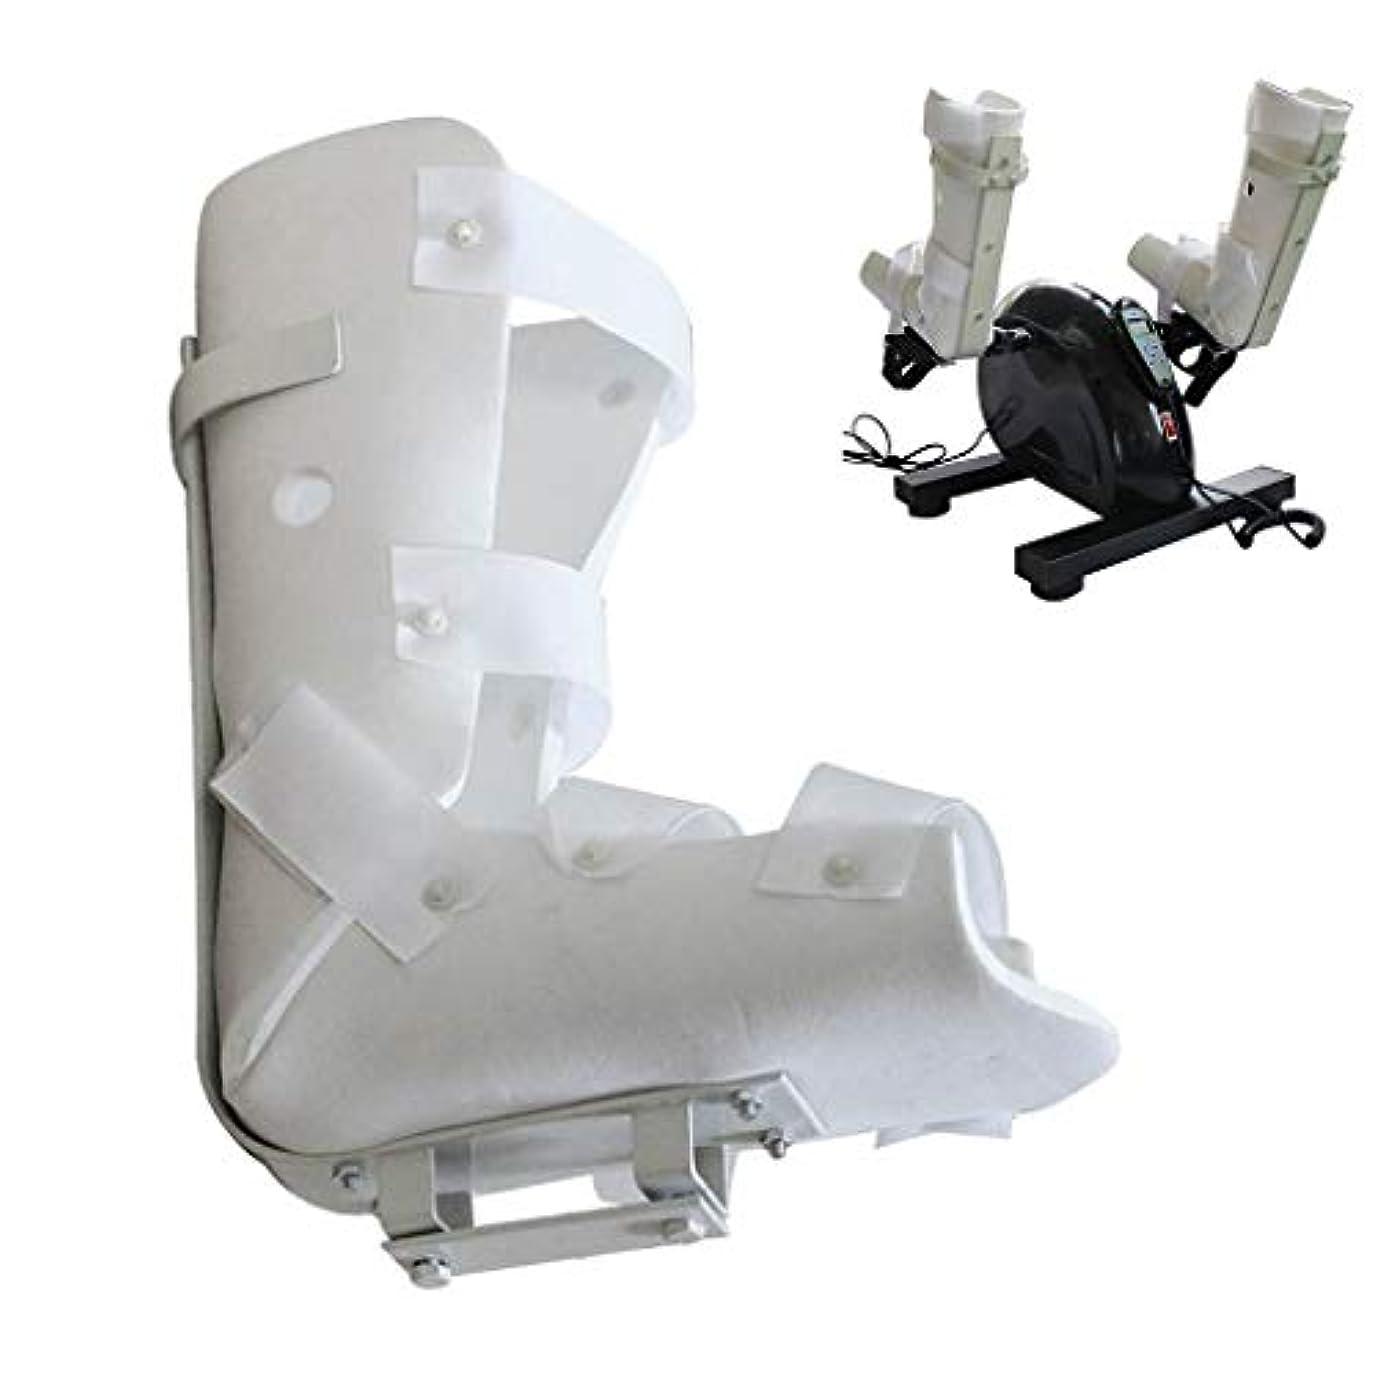 ペレットケニアふりをする電子理学療法コンフォートソフトスプリント、ハンディキャップ障害者および脳卒中サバイバー、1ペア用のリハビリバイクペダル電動トレーナーの脚サポート